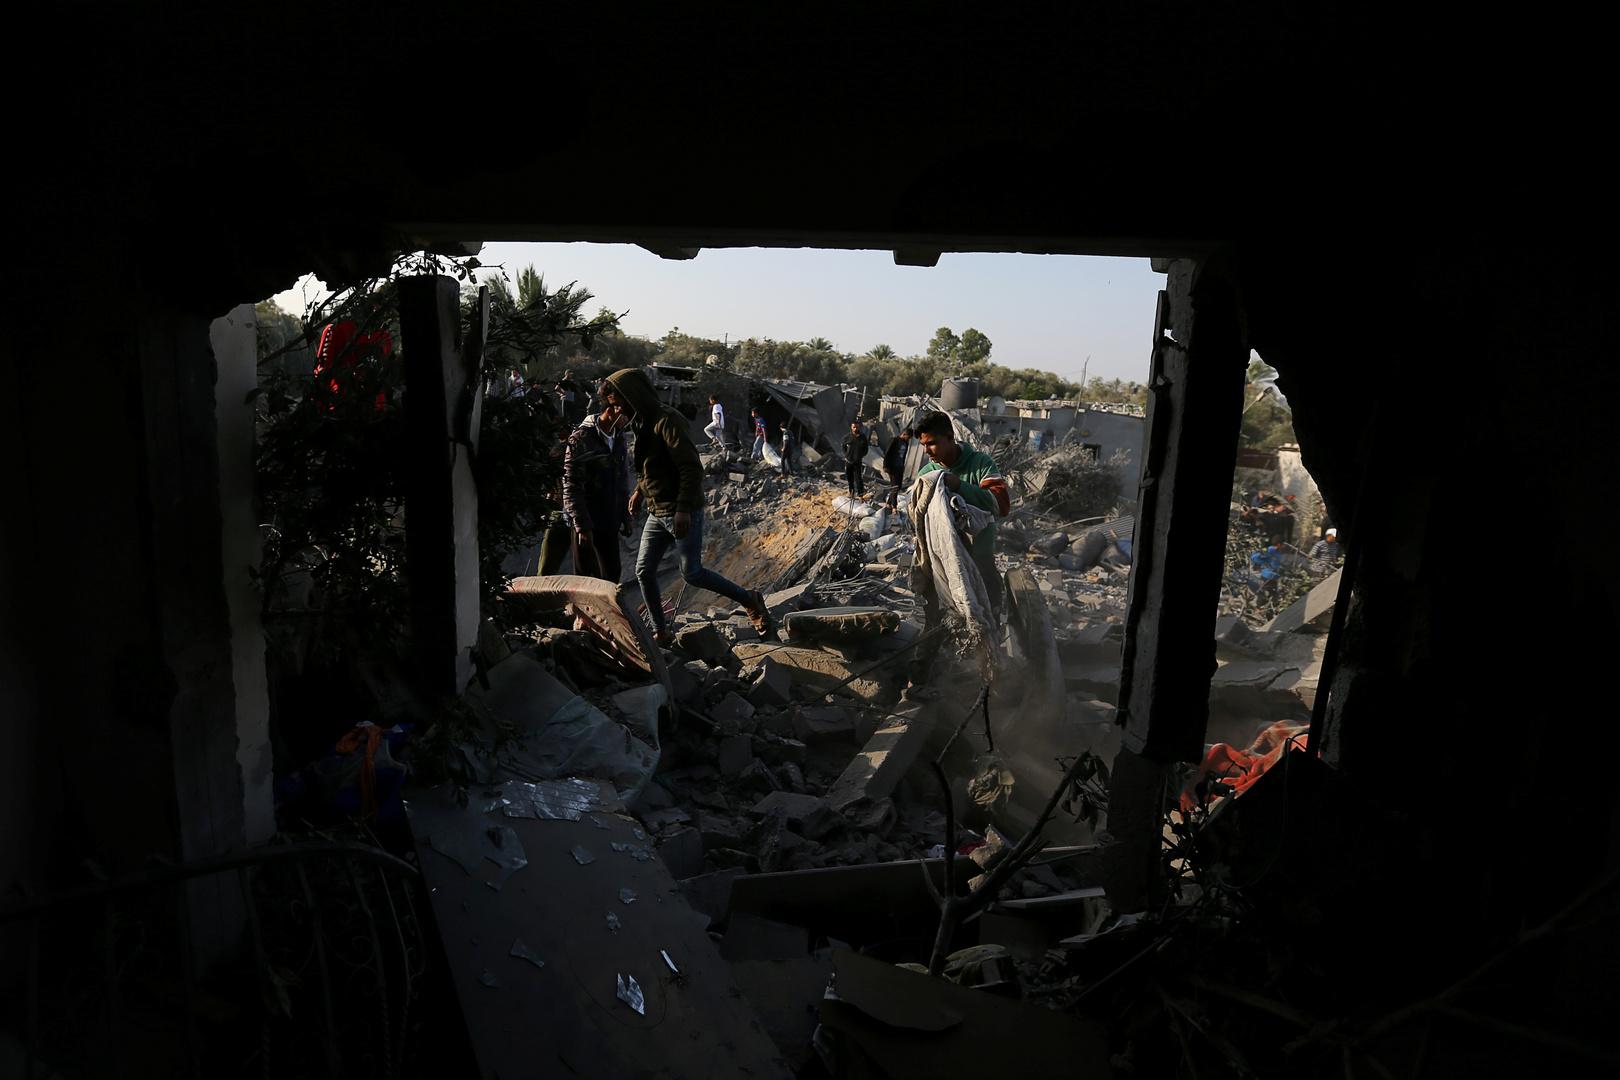 فلسطينيون يتفقدون منزلا تم تدميره بغارة جوية إسرائيلية في جنوب قطاع غزة